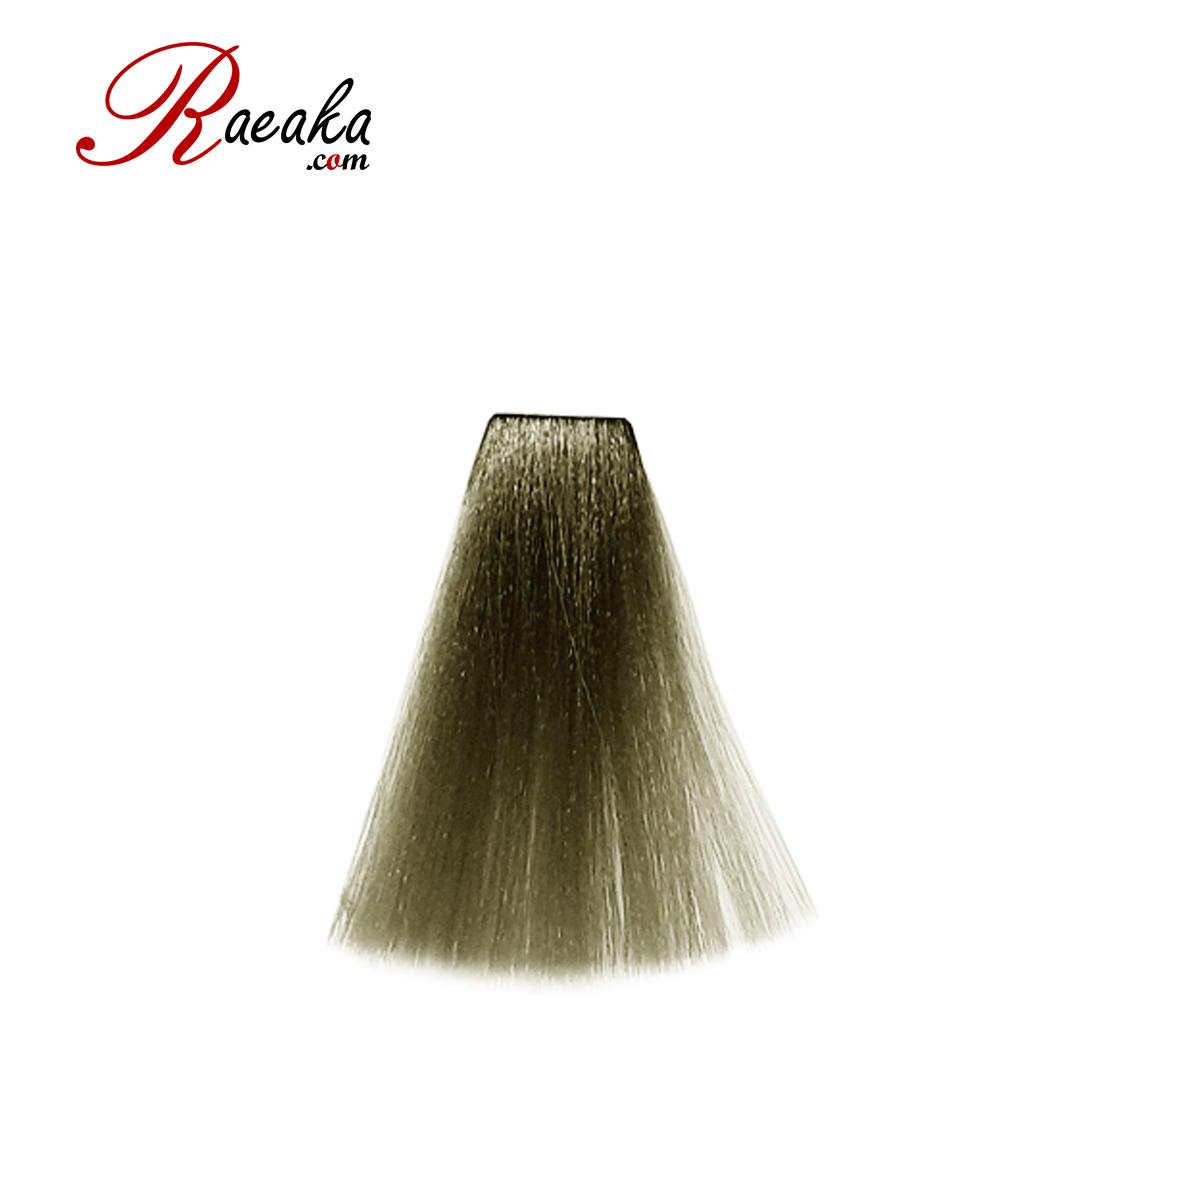 رنگ مو دوماسی سری رنگ های ترکیبی الیو ۷٫۸۰۰ حجم ۱۲۰ میلی لیتر